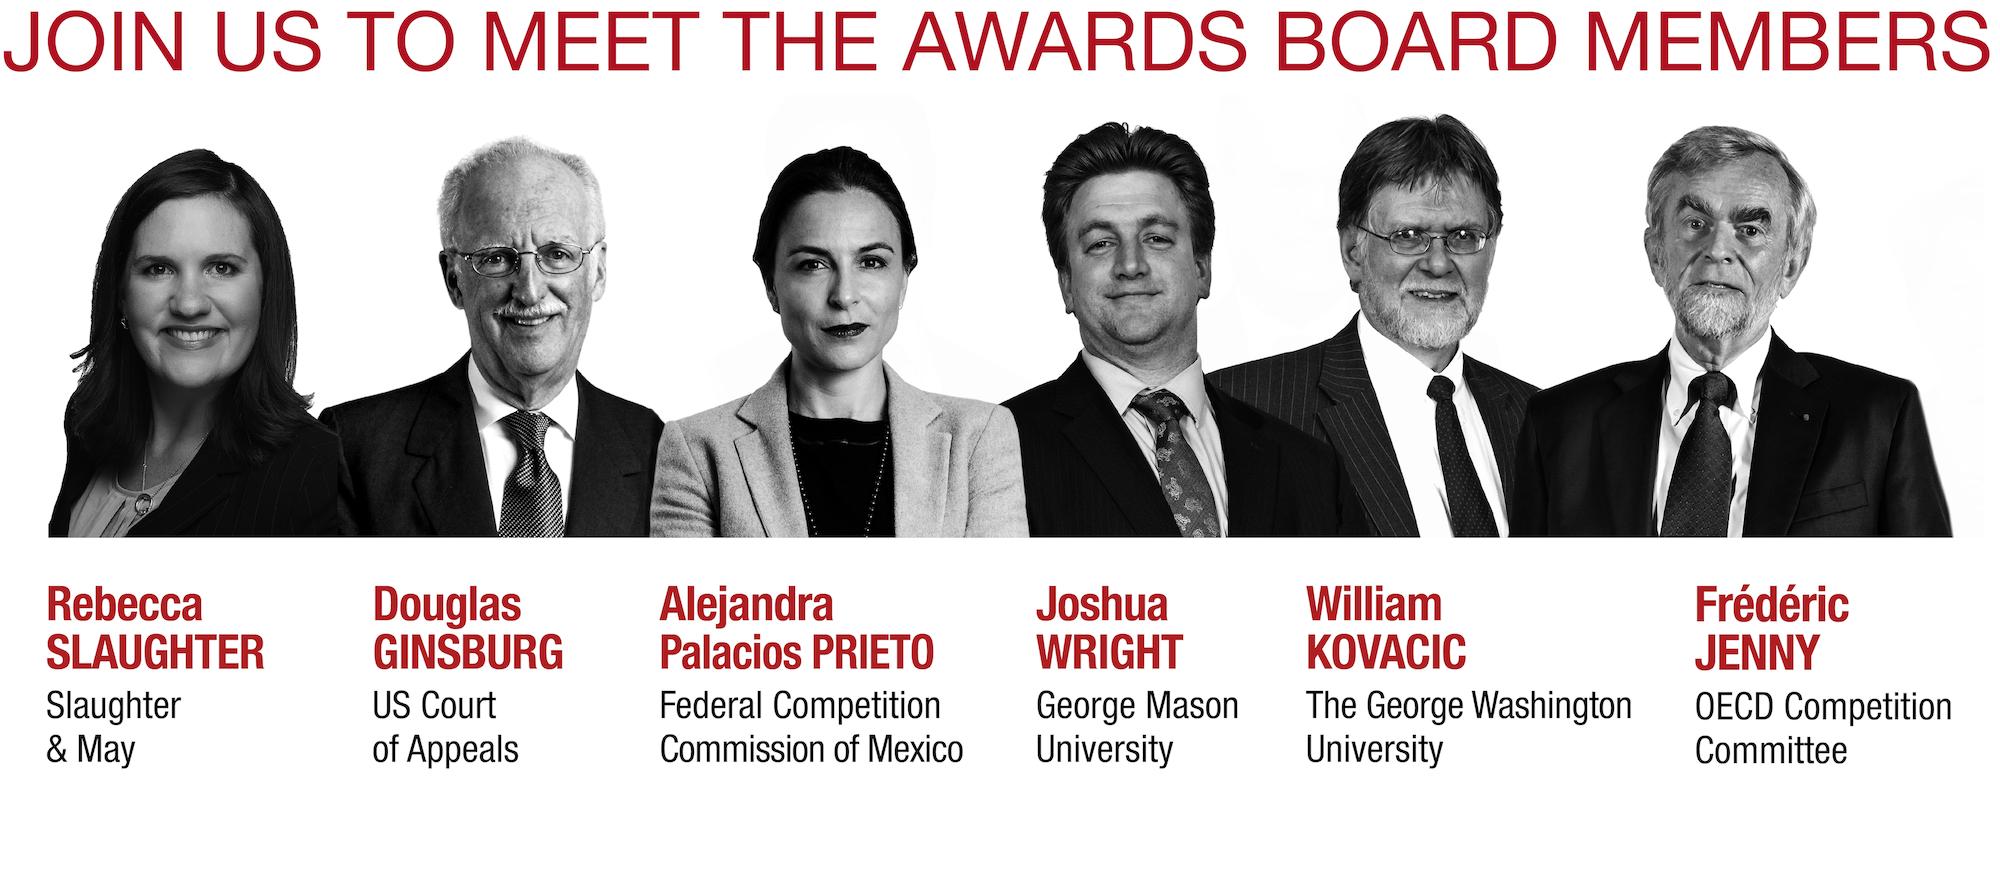 2020 Antitrust Writing Awards Board Members